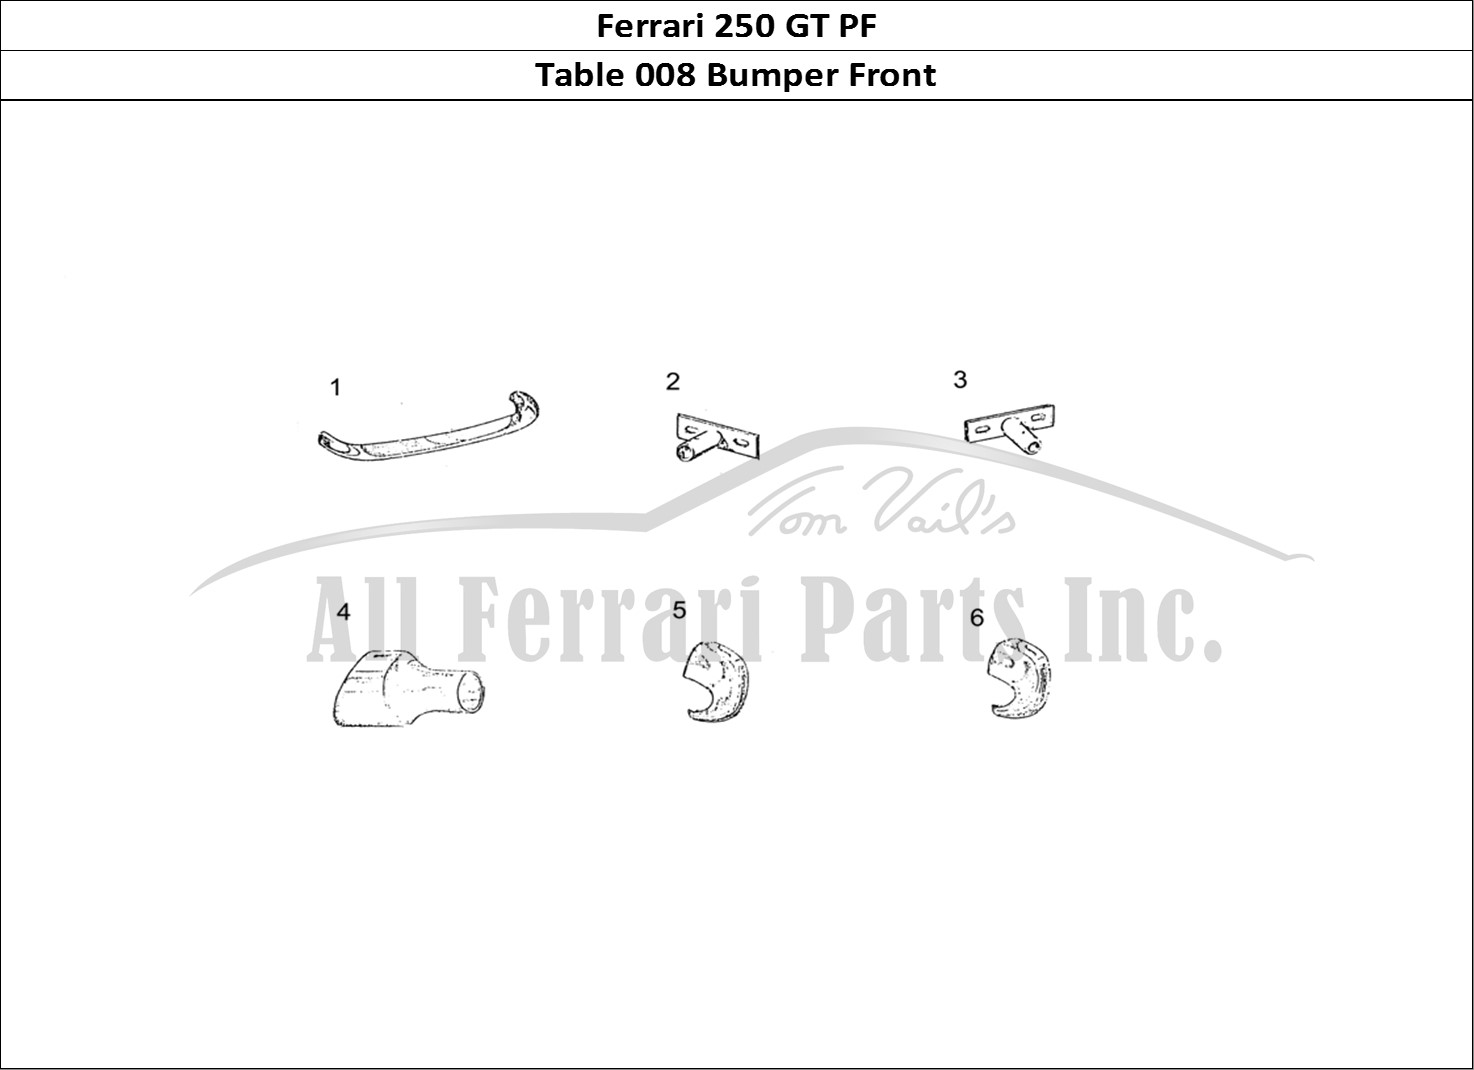 Buy original Ferrari 250 GT PF 008 Bumper Front Ferrari